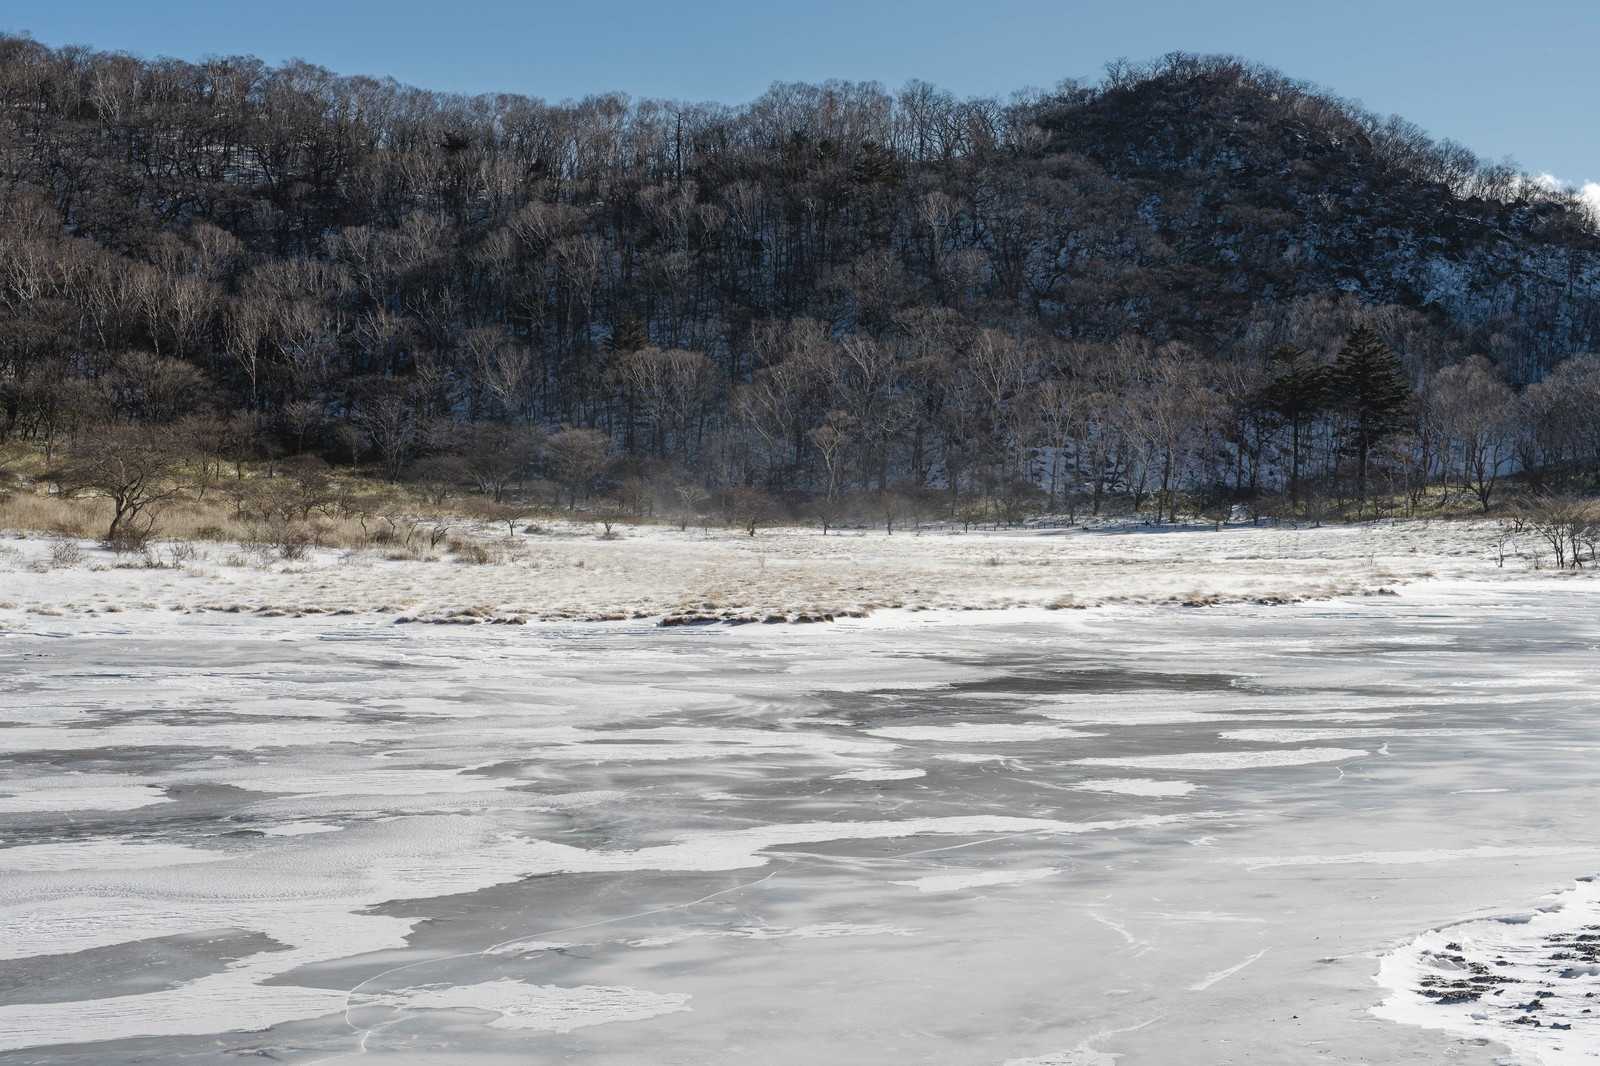 「赤城山覚満淵(かくまんぶち)の雪と風赤城山覚満淵(かくまんぶち)の雪と風」のフリー写真素材を拡大